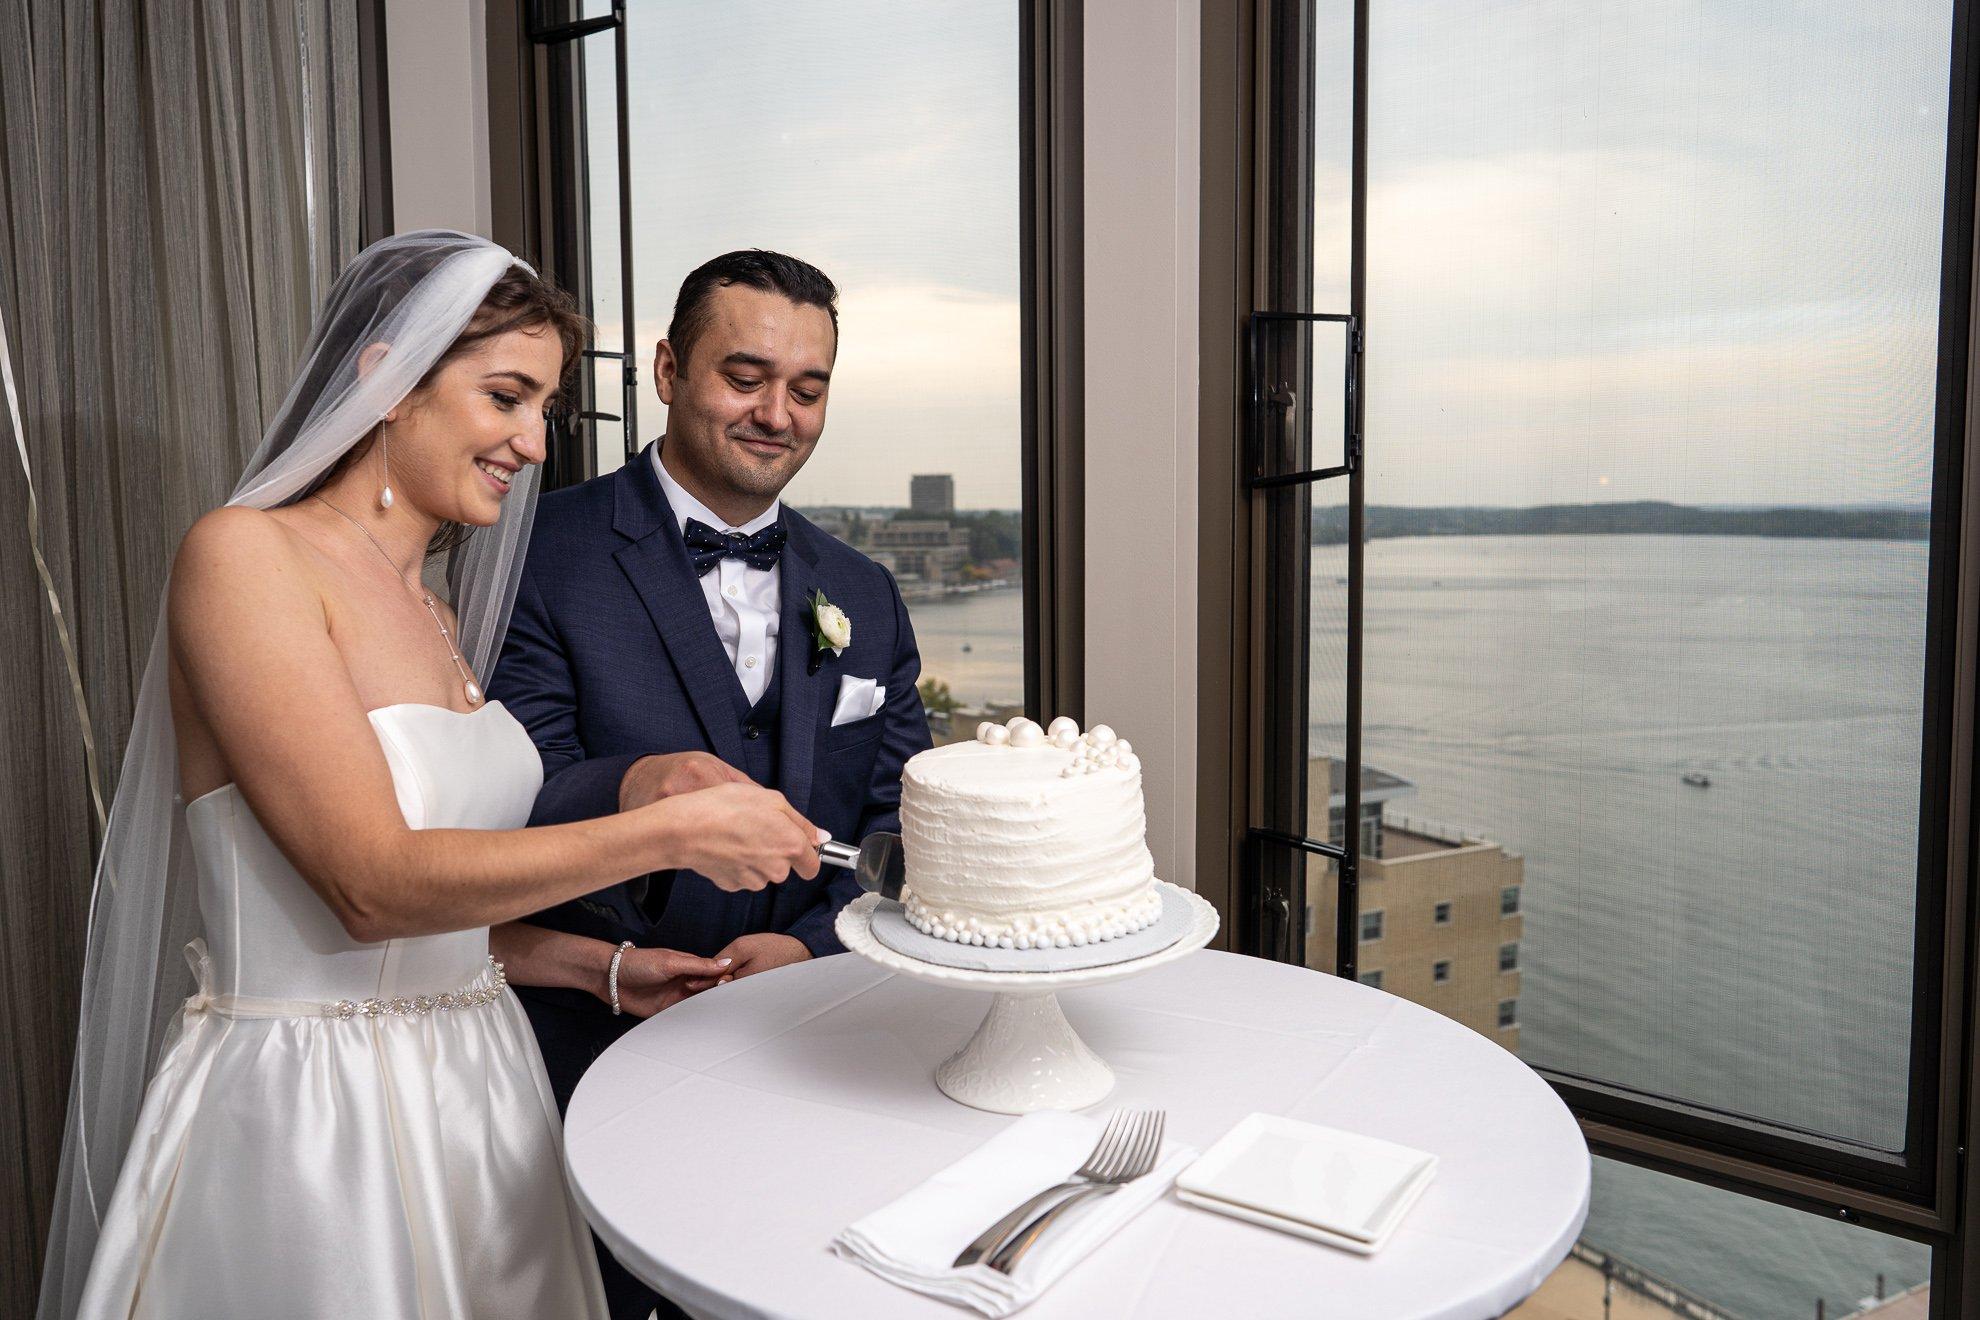 Madison WI Wedding Photographers cutting cake